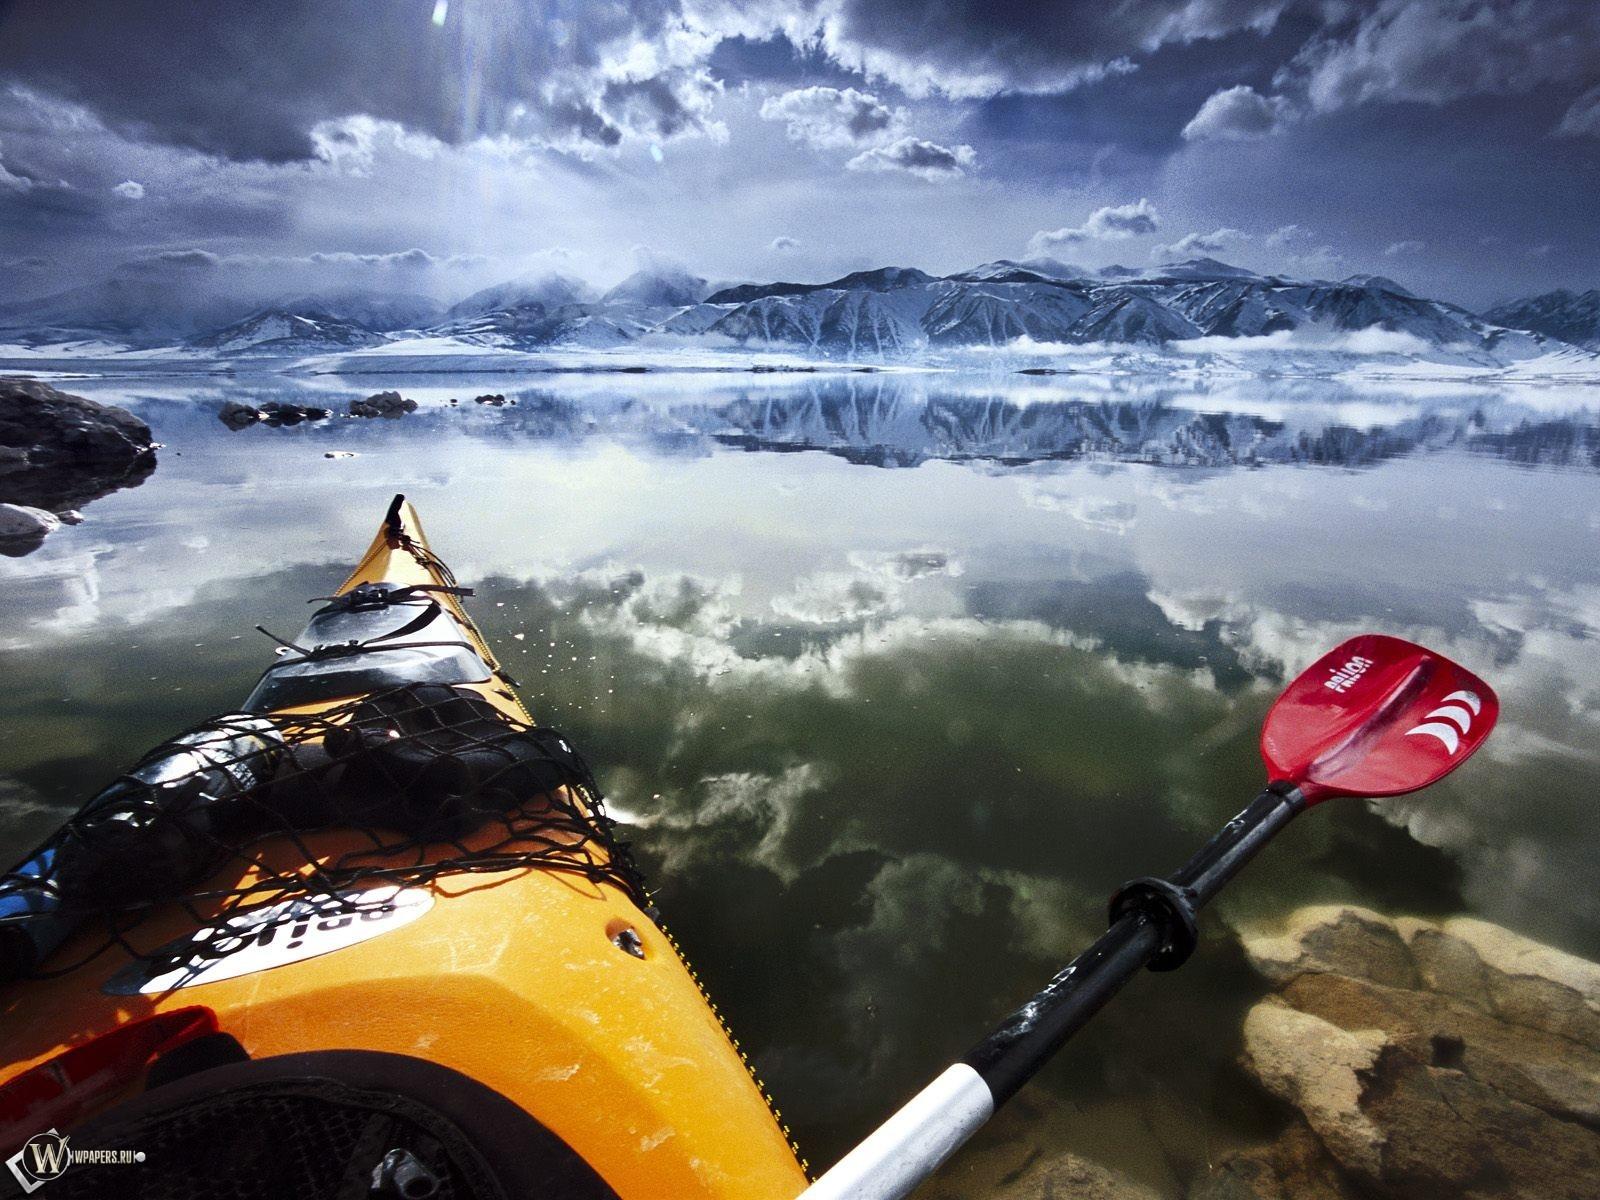 Сплав на ледниках 1600x1200